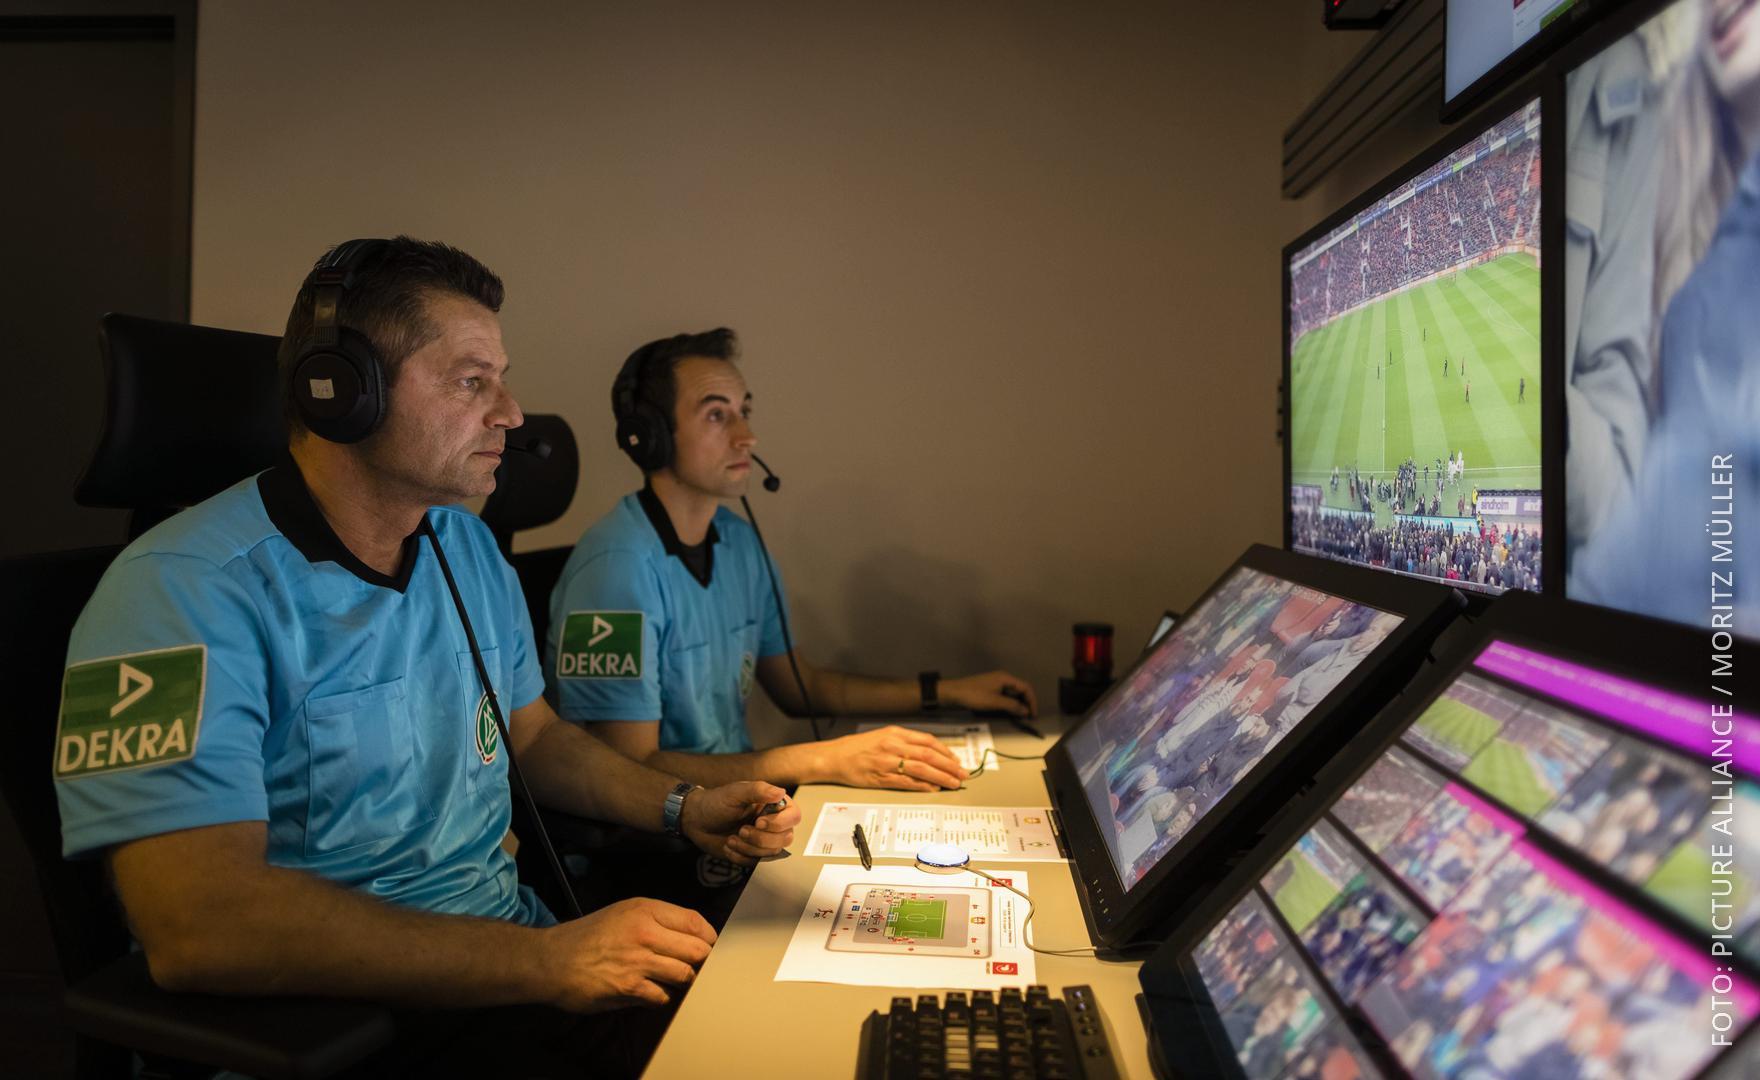 Zwei Videoschiedsrichter schauen auf den Bildschirm und prüfen die Aktion